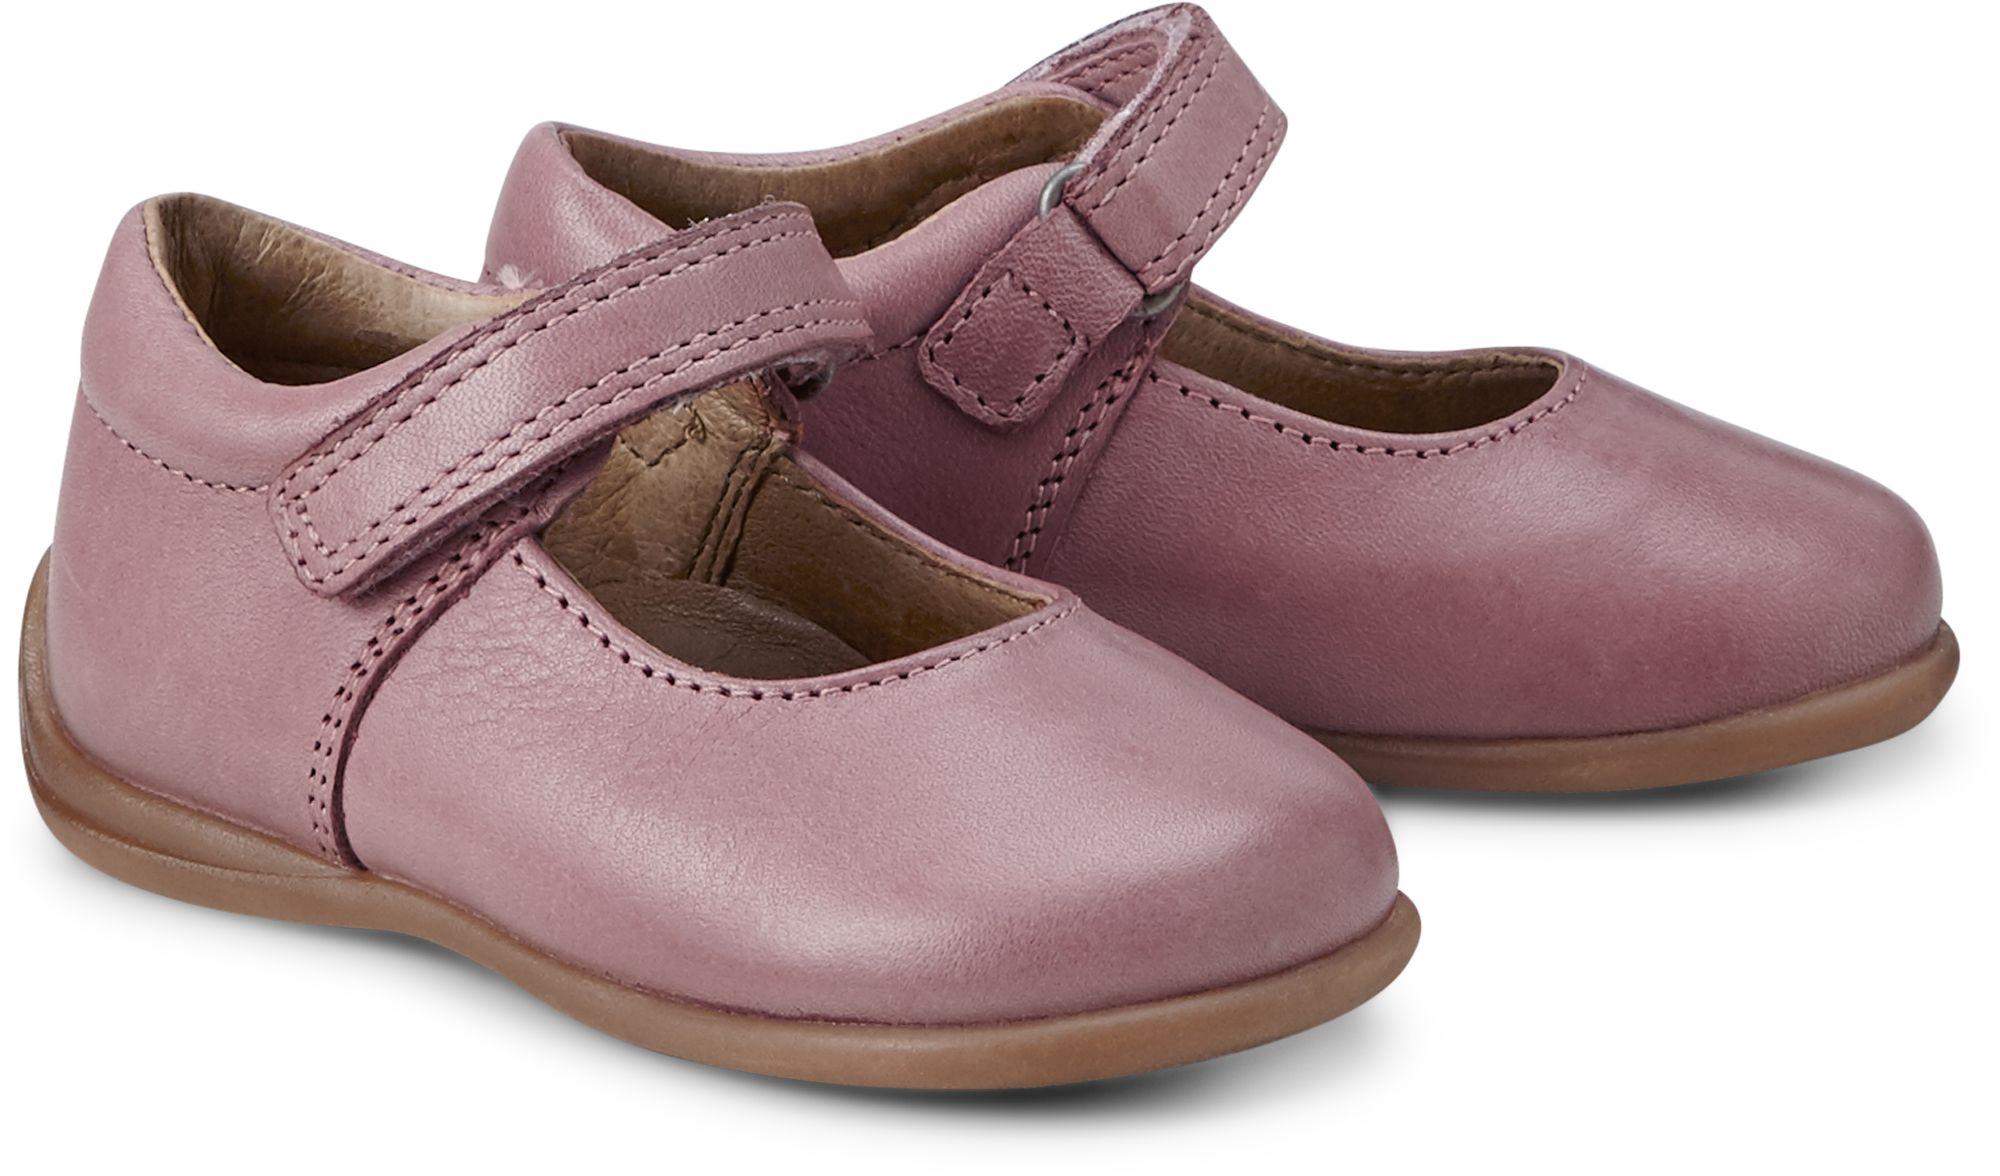 timeless design ef13f f1611 Riemchen Ballerina von Bellybutton in rosa für Mädchen. Gr ...